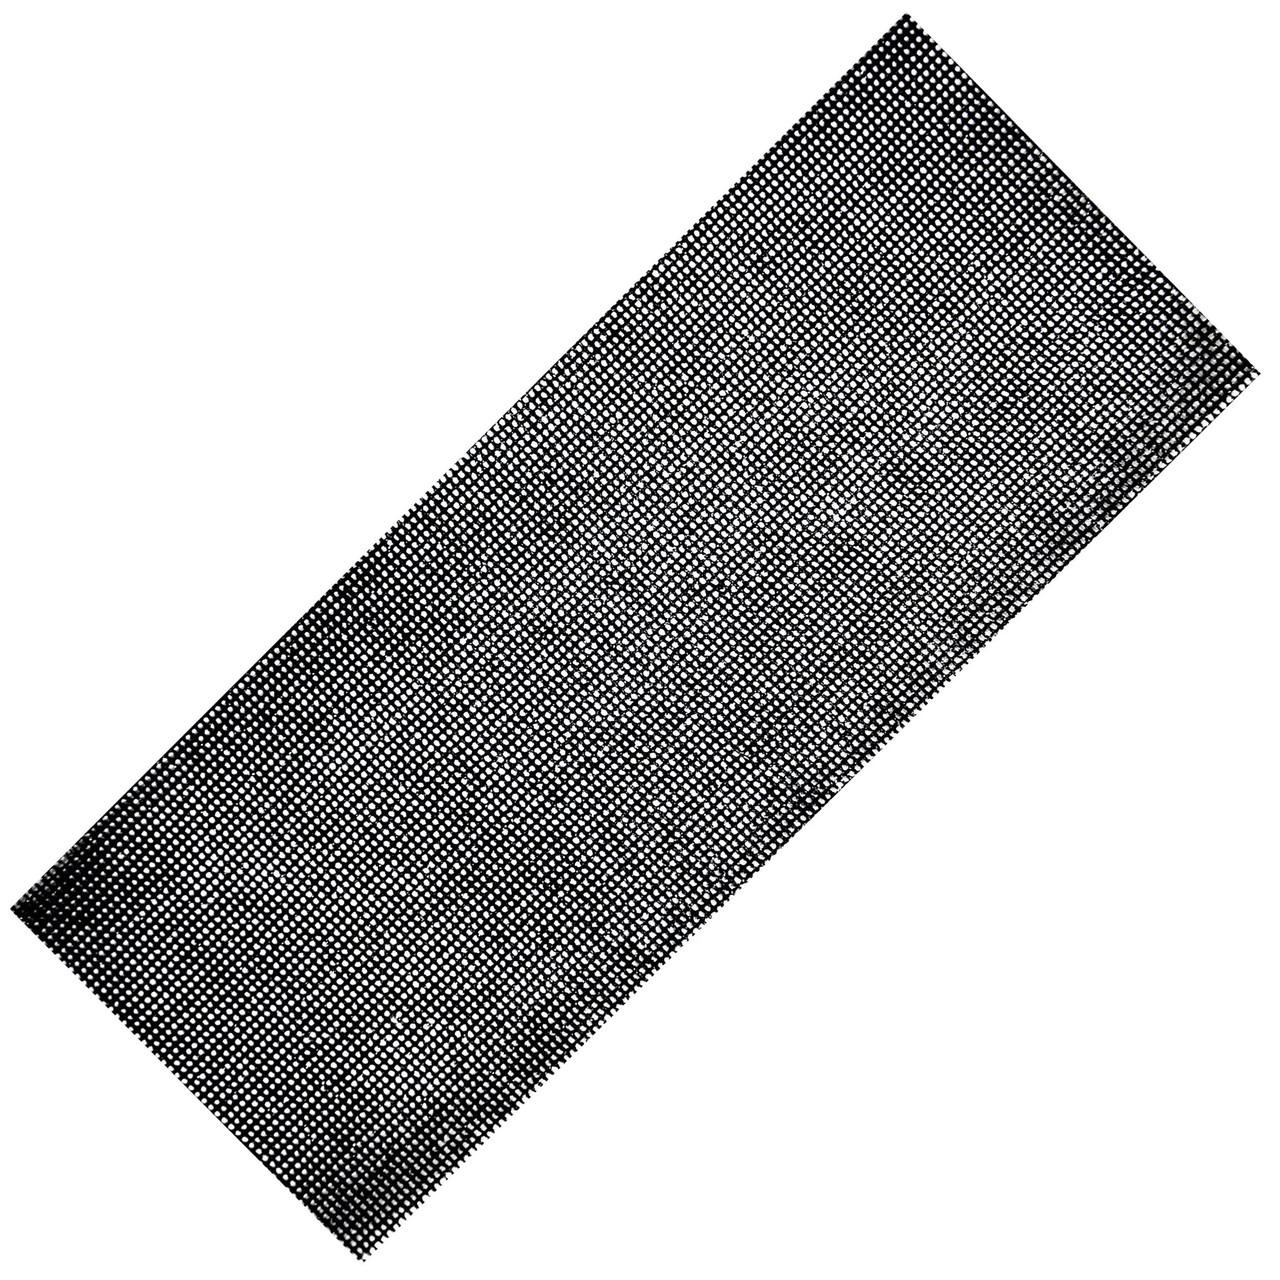 Сітка шліфувальна Spitce 105 х 280 мм Р150 5 листів (18-715)